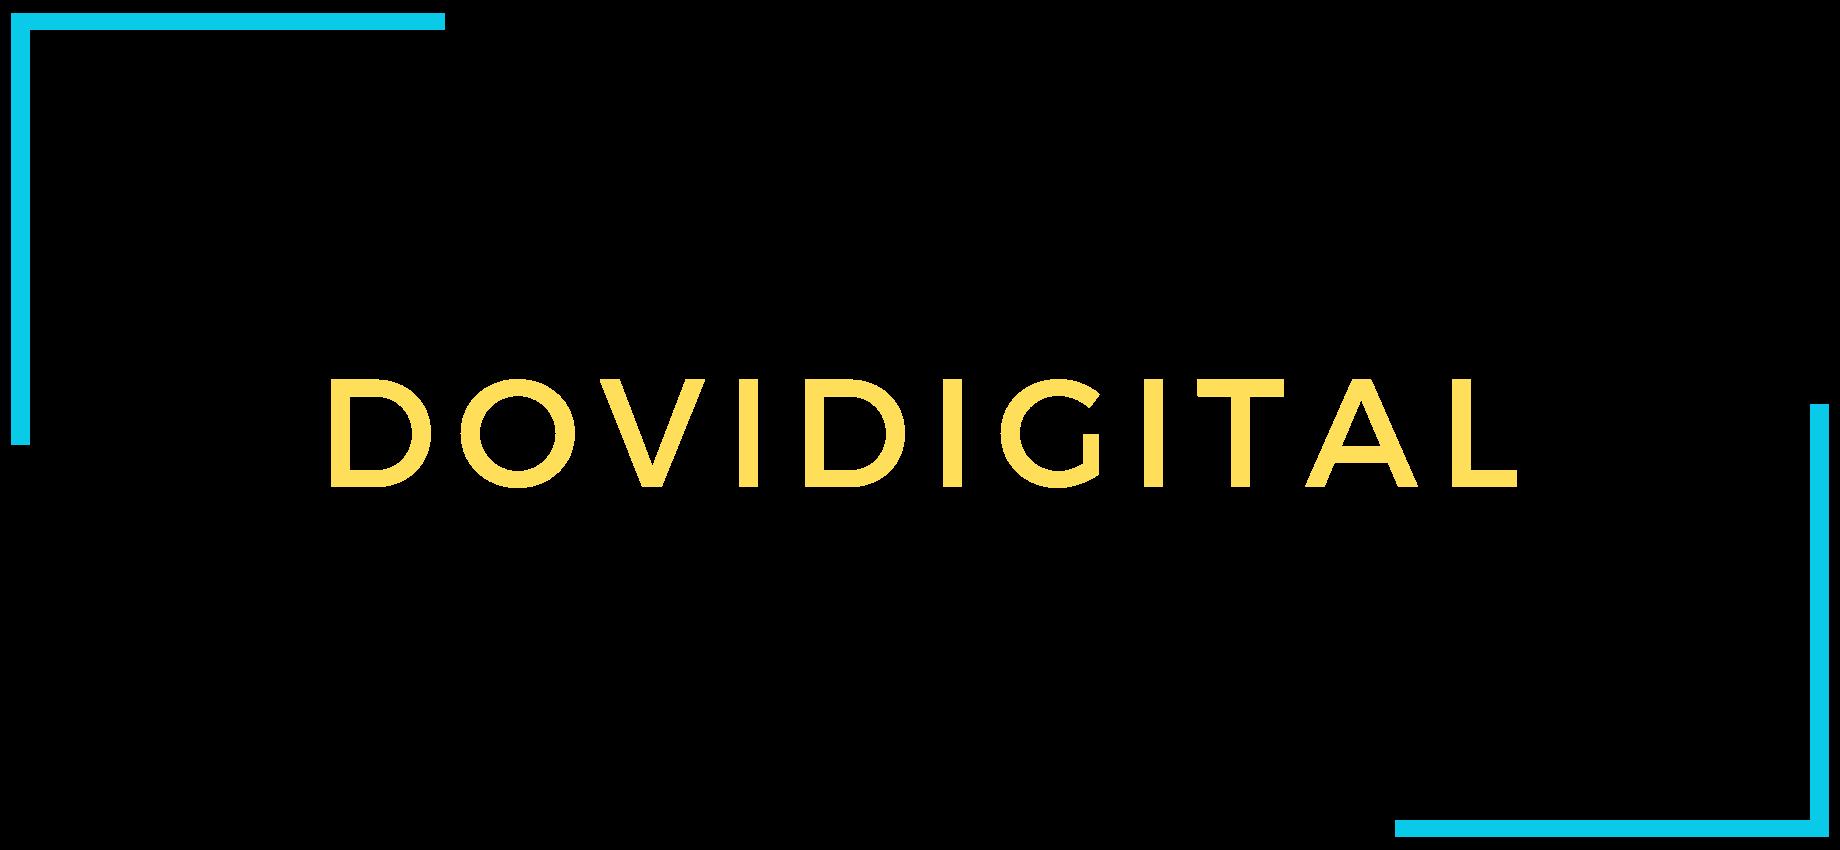 DoviDigital